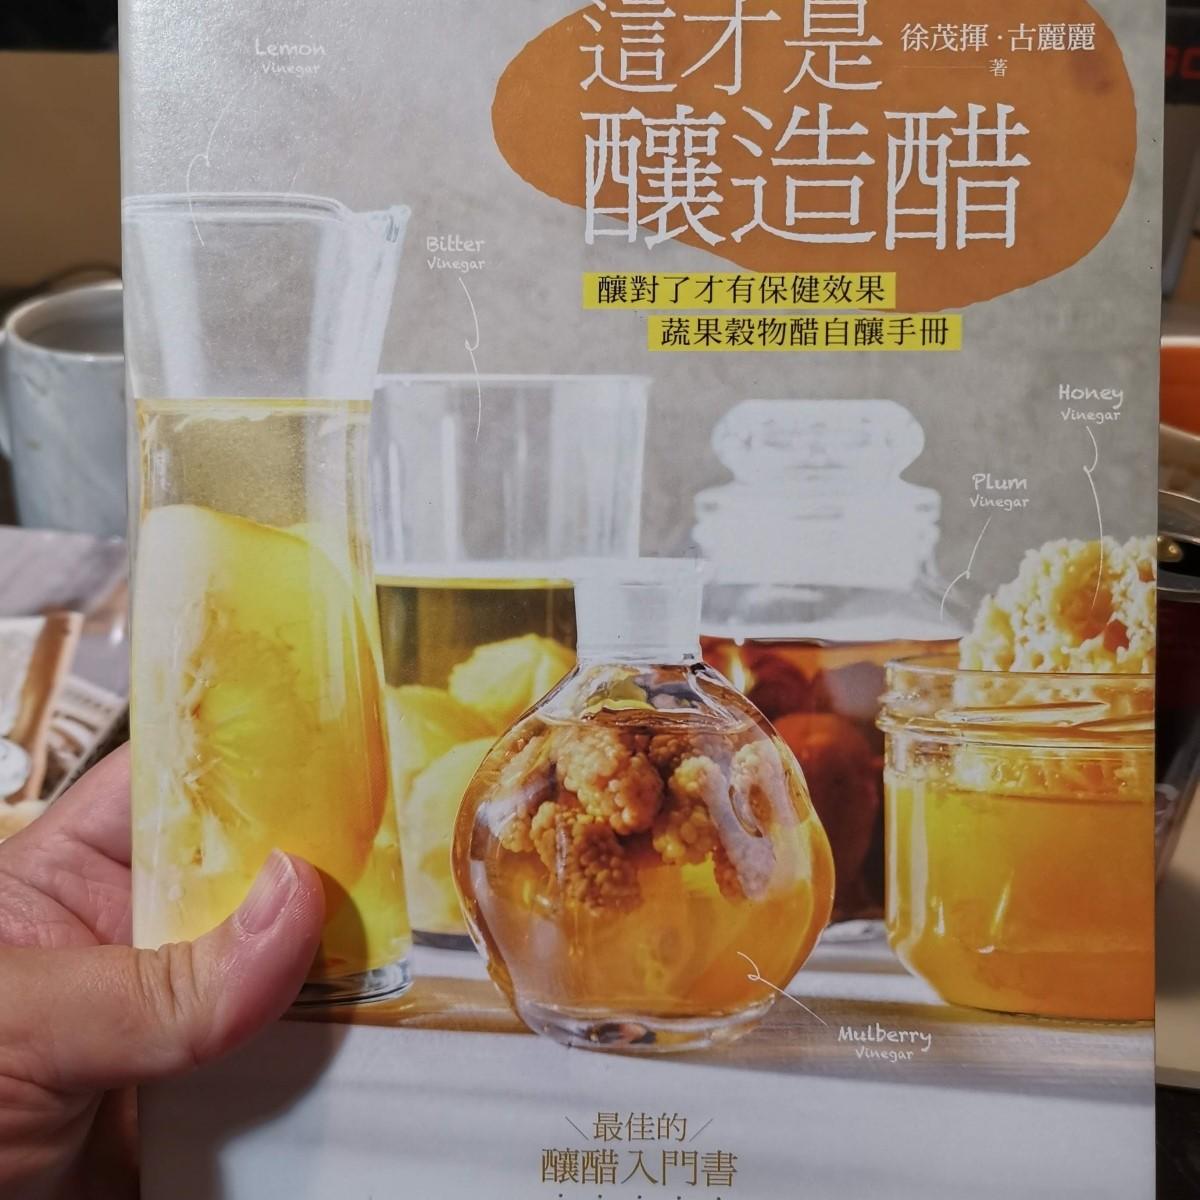 自行購買收藏的『這才是釀造醋』作者 徐茂揮 古麗麗 出版者: 幸福文化出版社